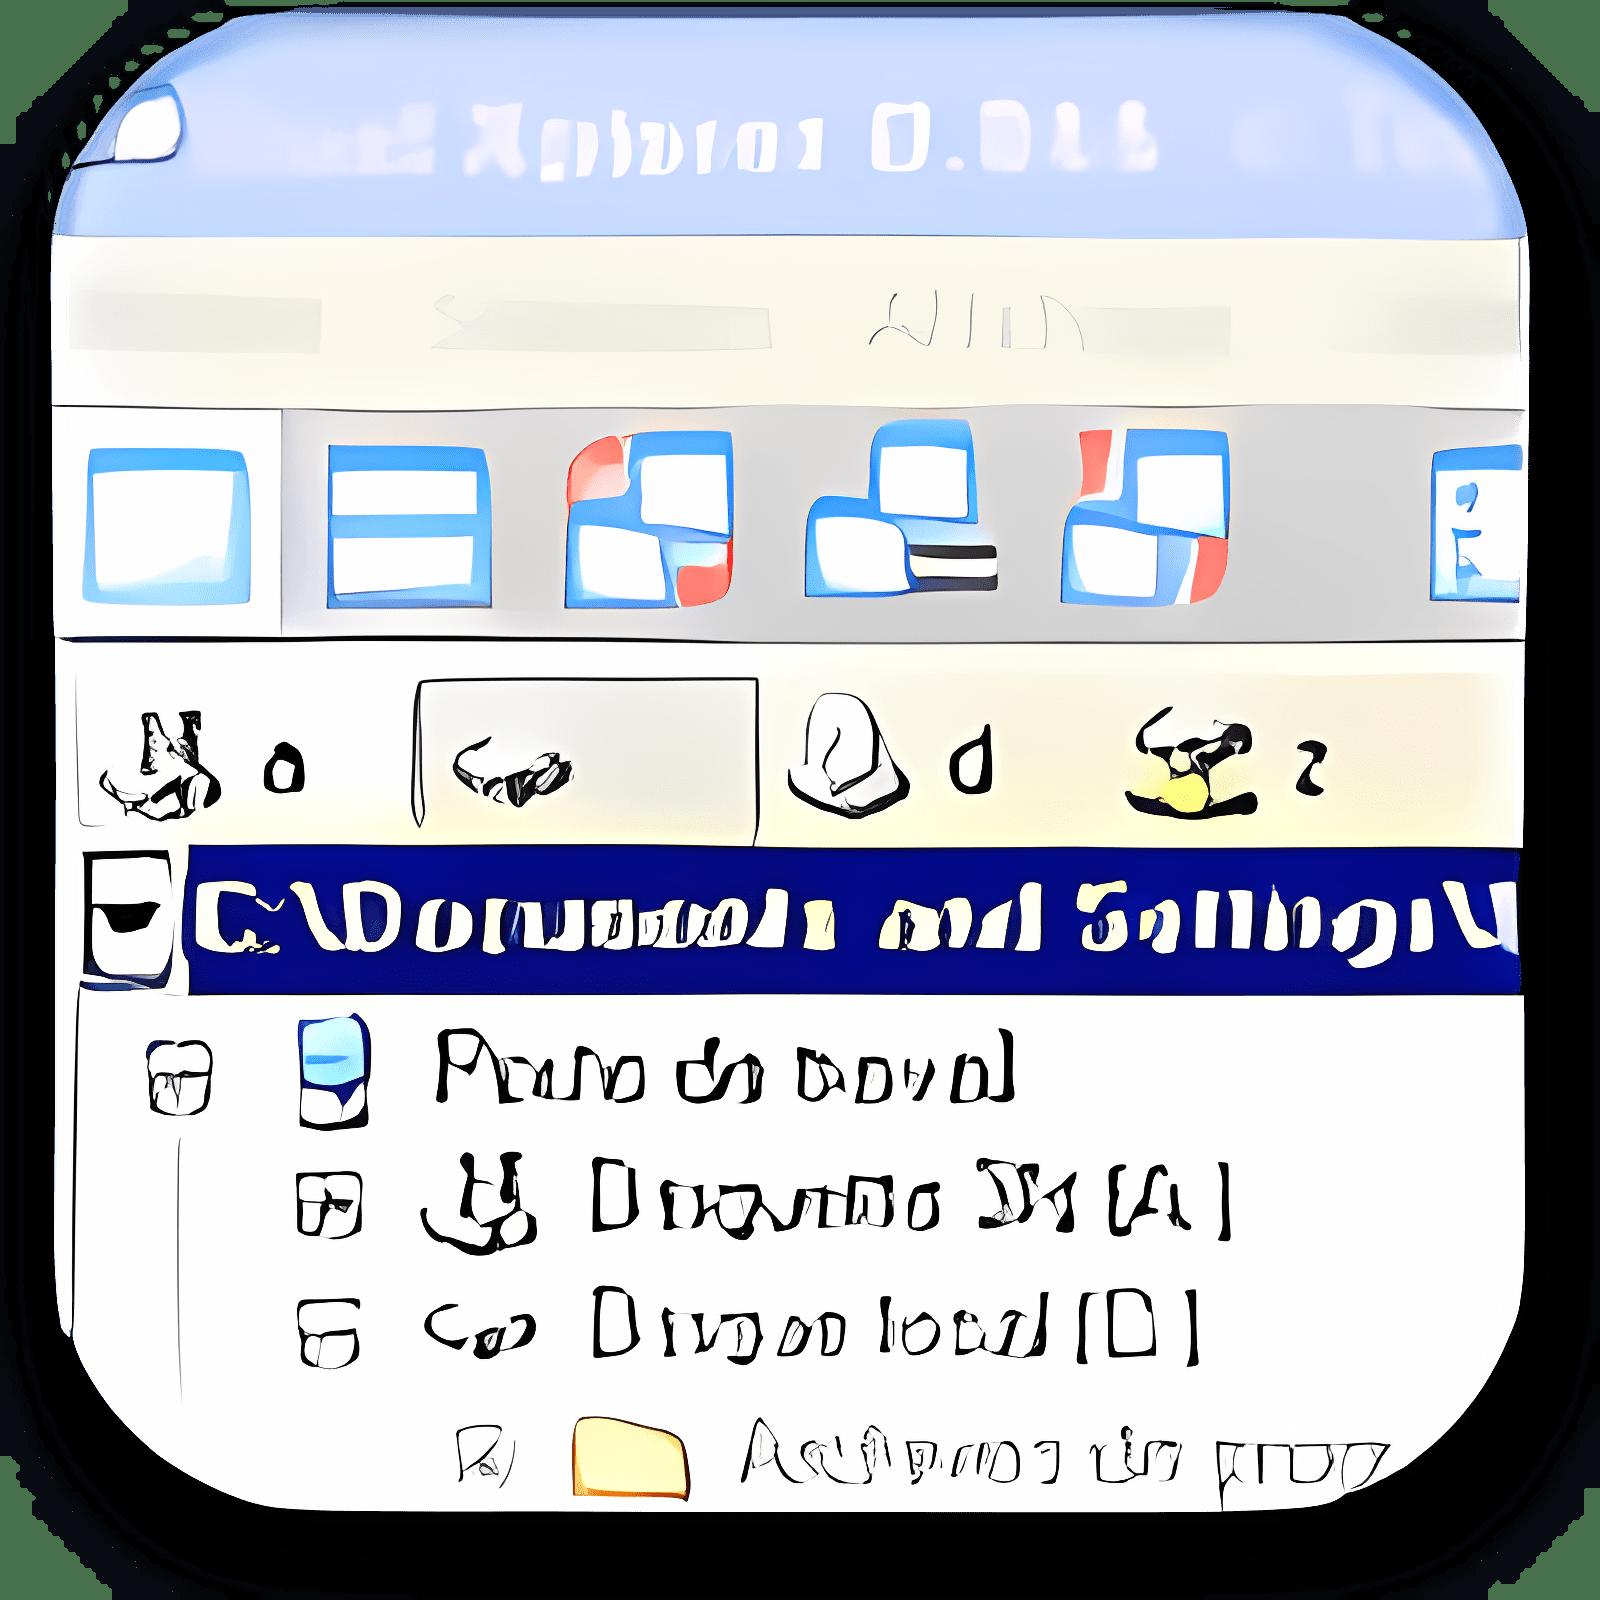 DualXplorer